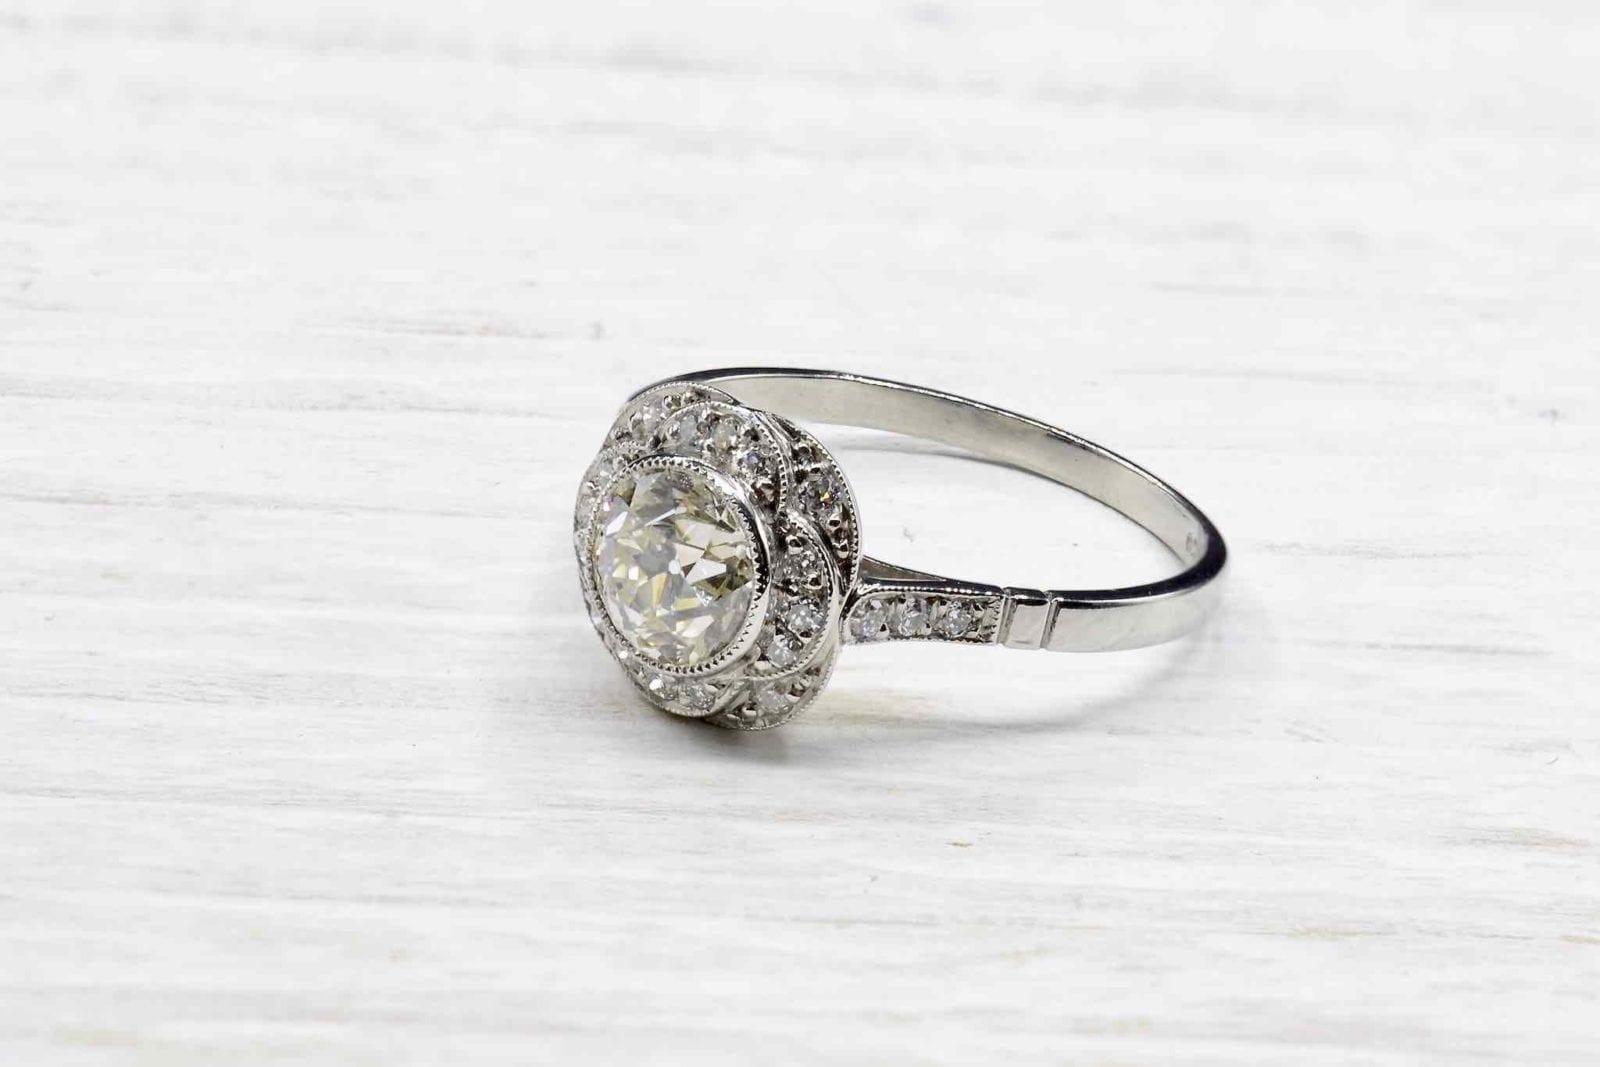 bague occasion diamants